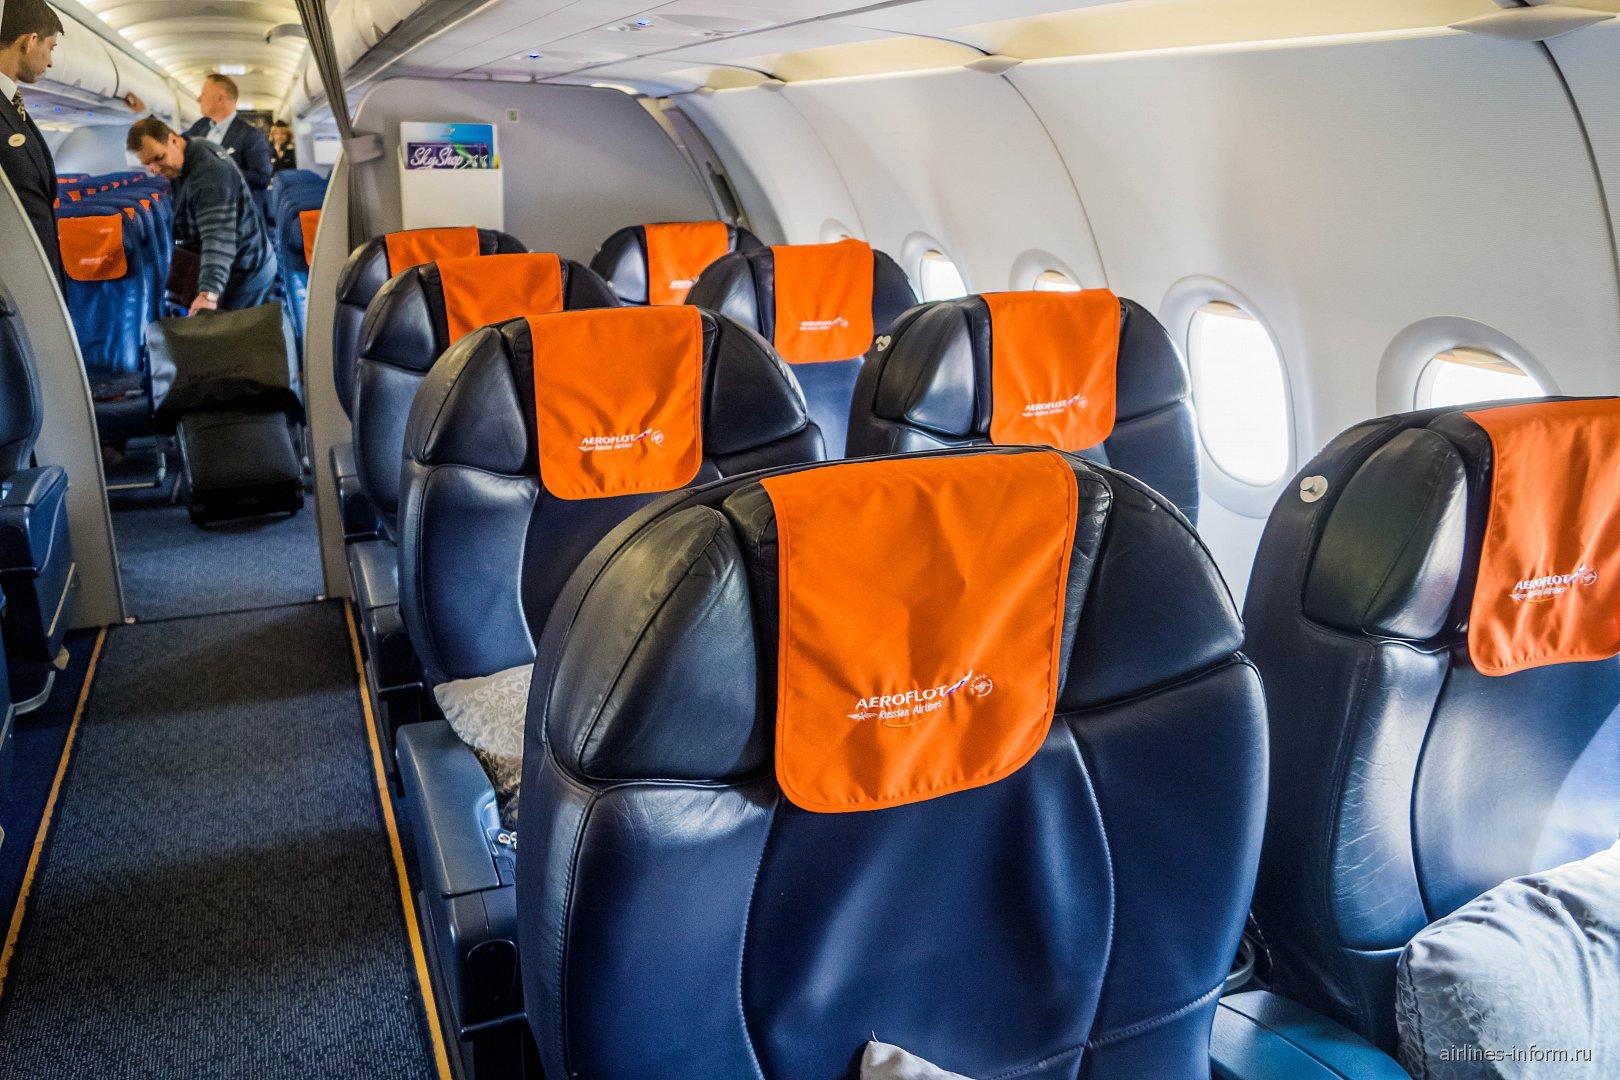 Бизнес-класс в самолете Airbus A321 авиакомпании Аэрофлот